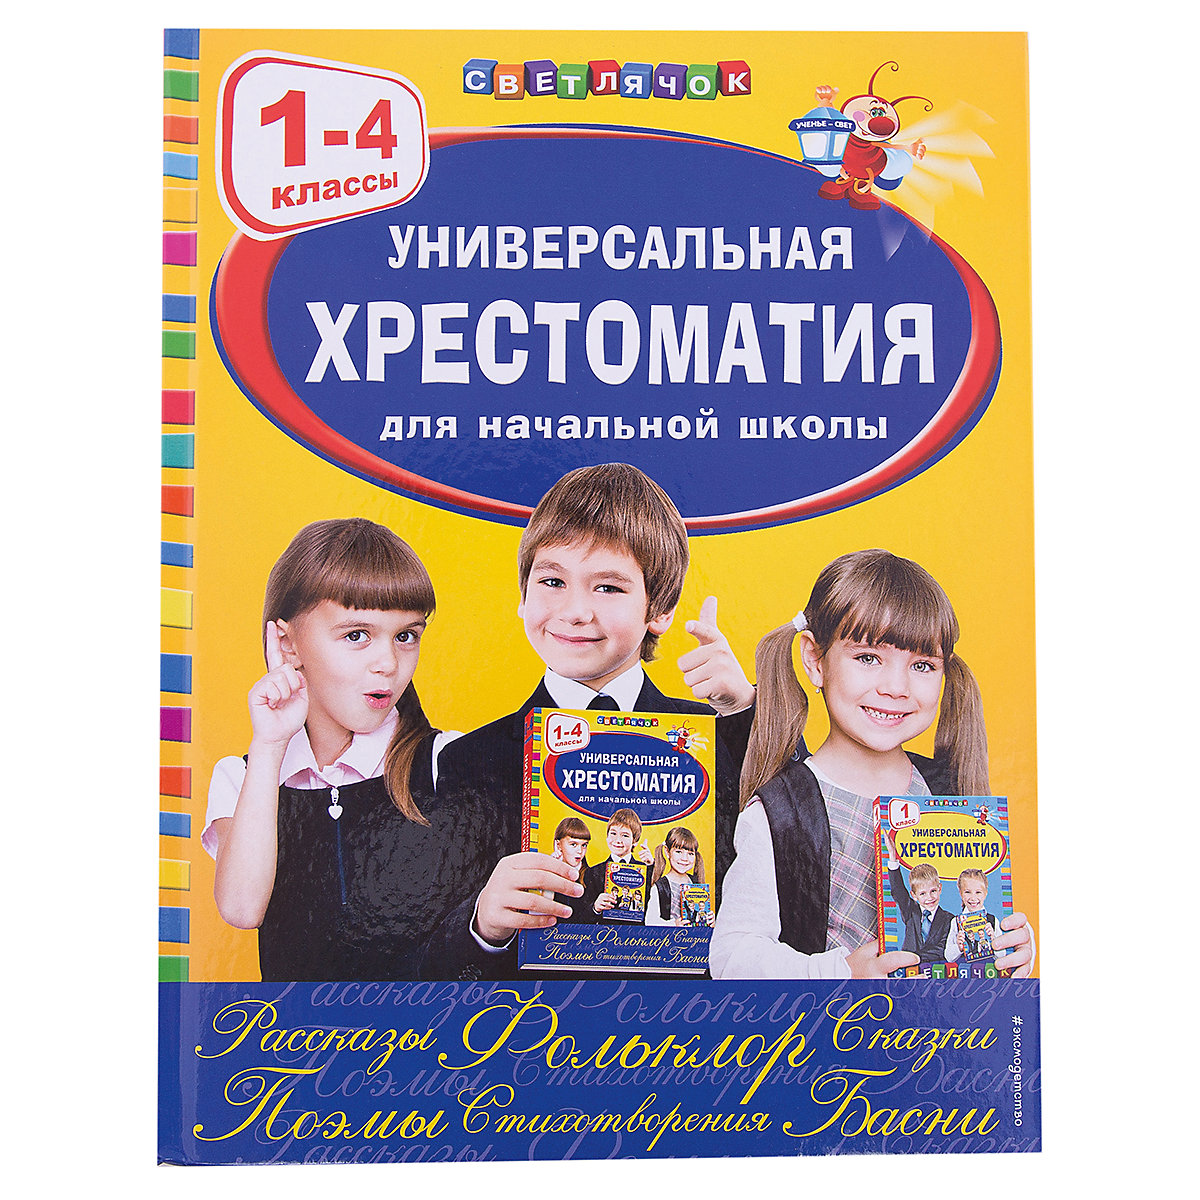 Libri EKSMO 5535480 bambini istruzione enciclopedia alfabeto dizionario libro per il bambino MTpromo